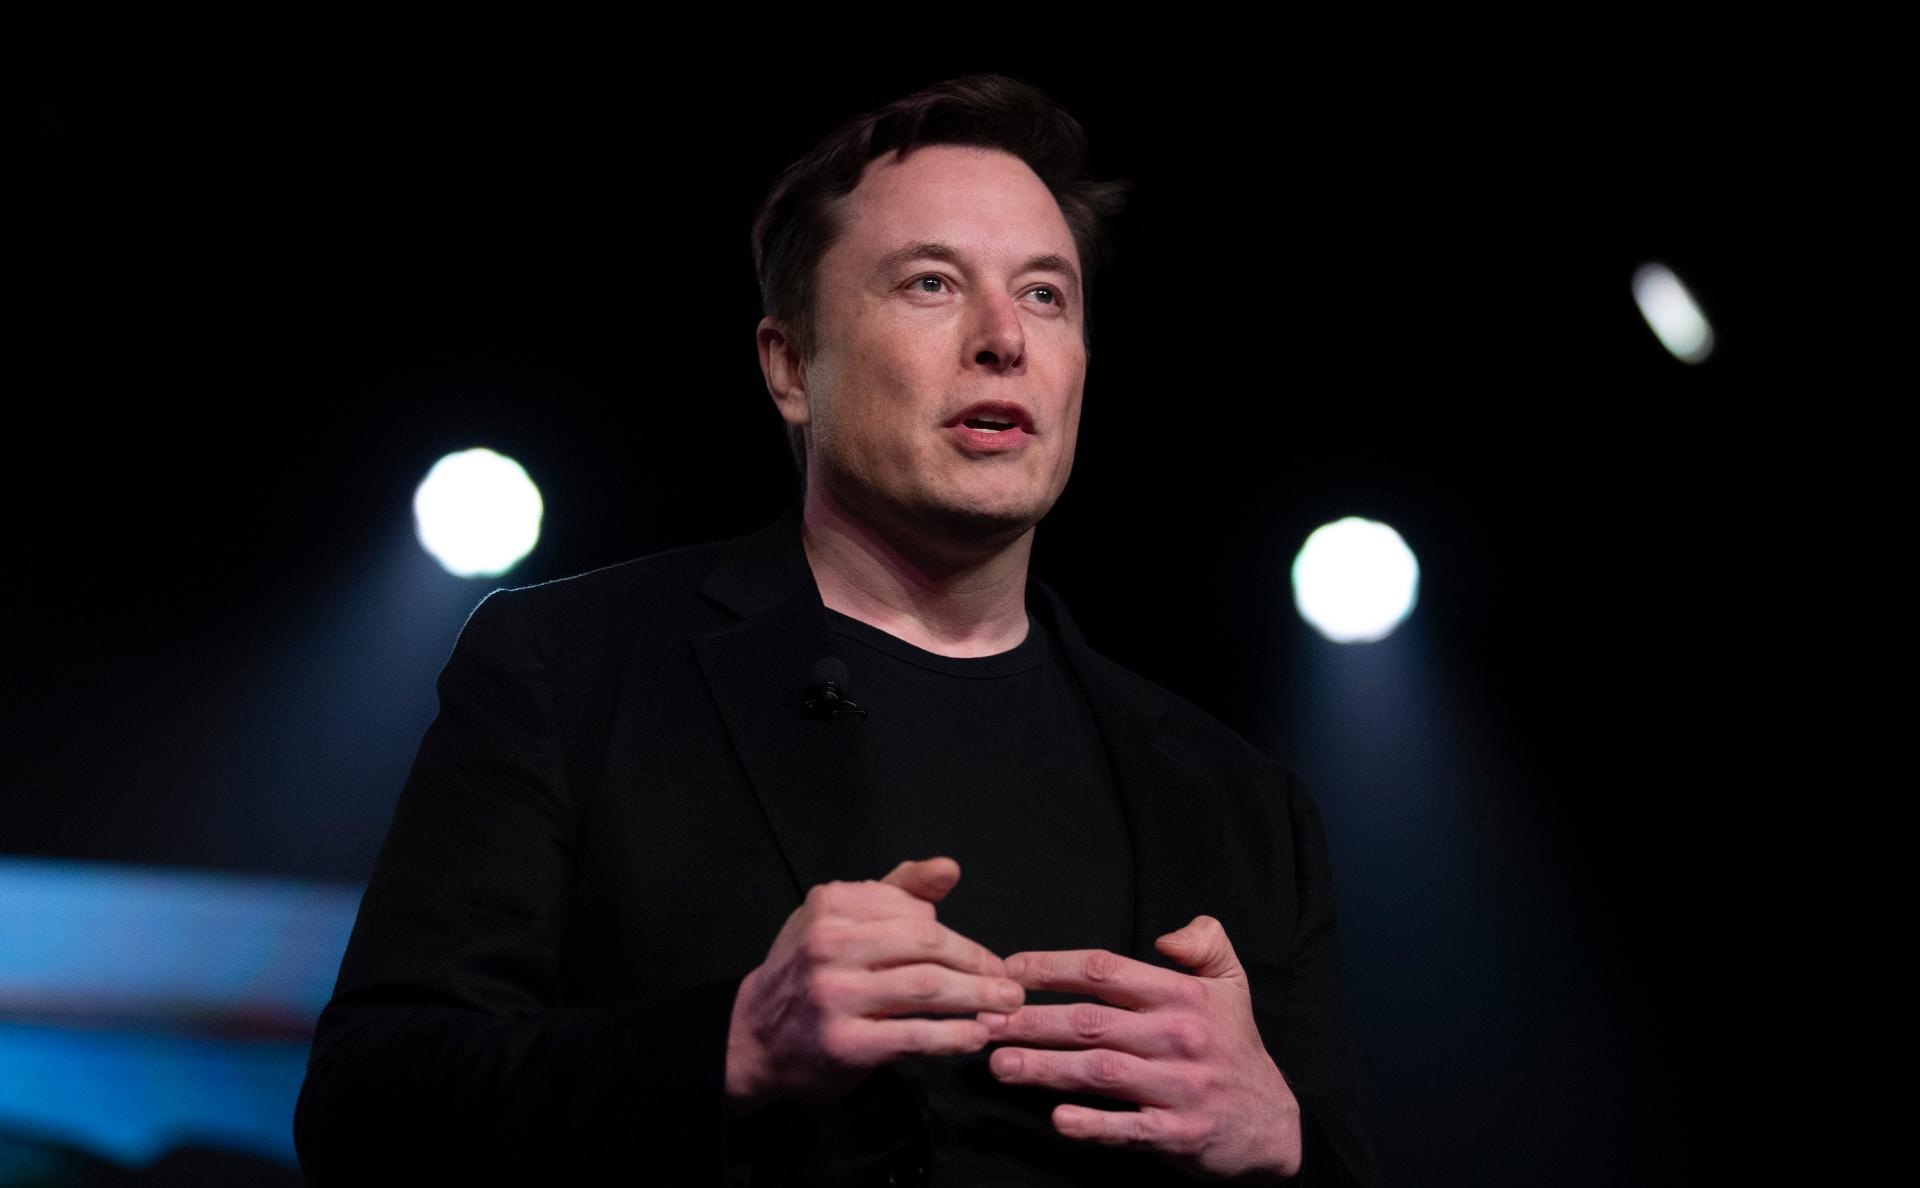 СМИ узнали о планах Маска переехать из Калифорнии